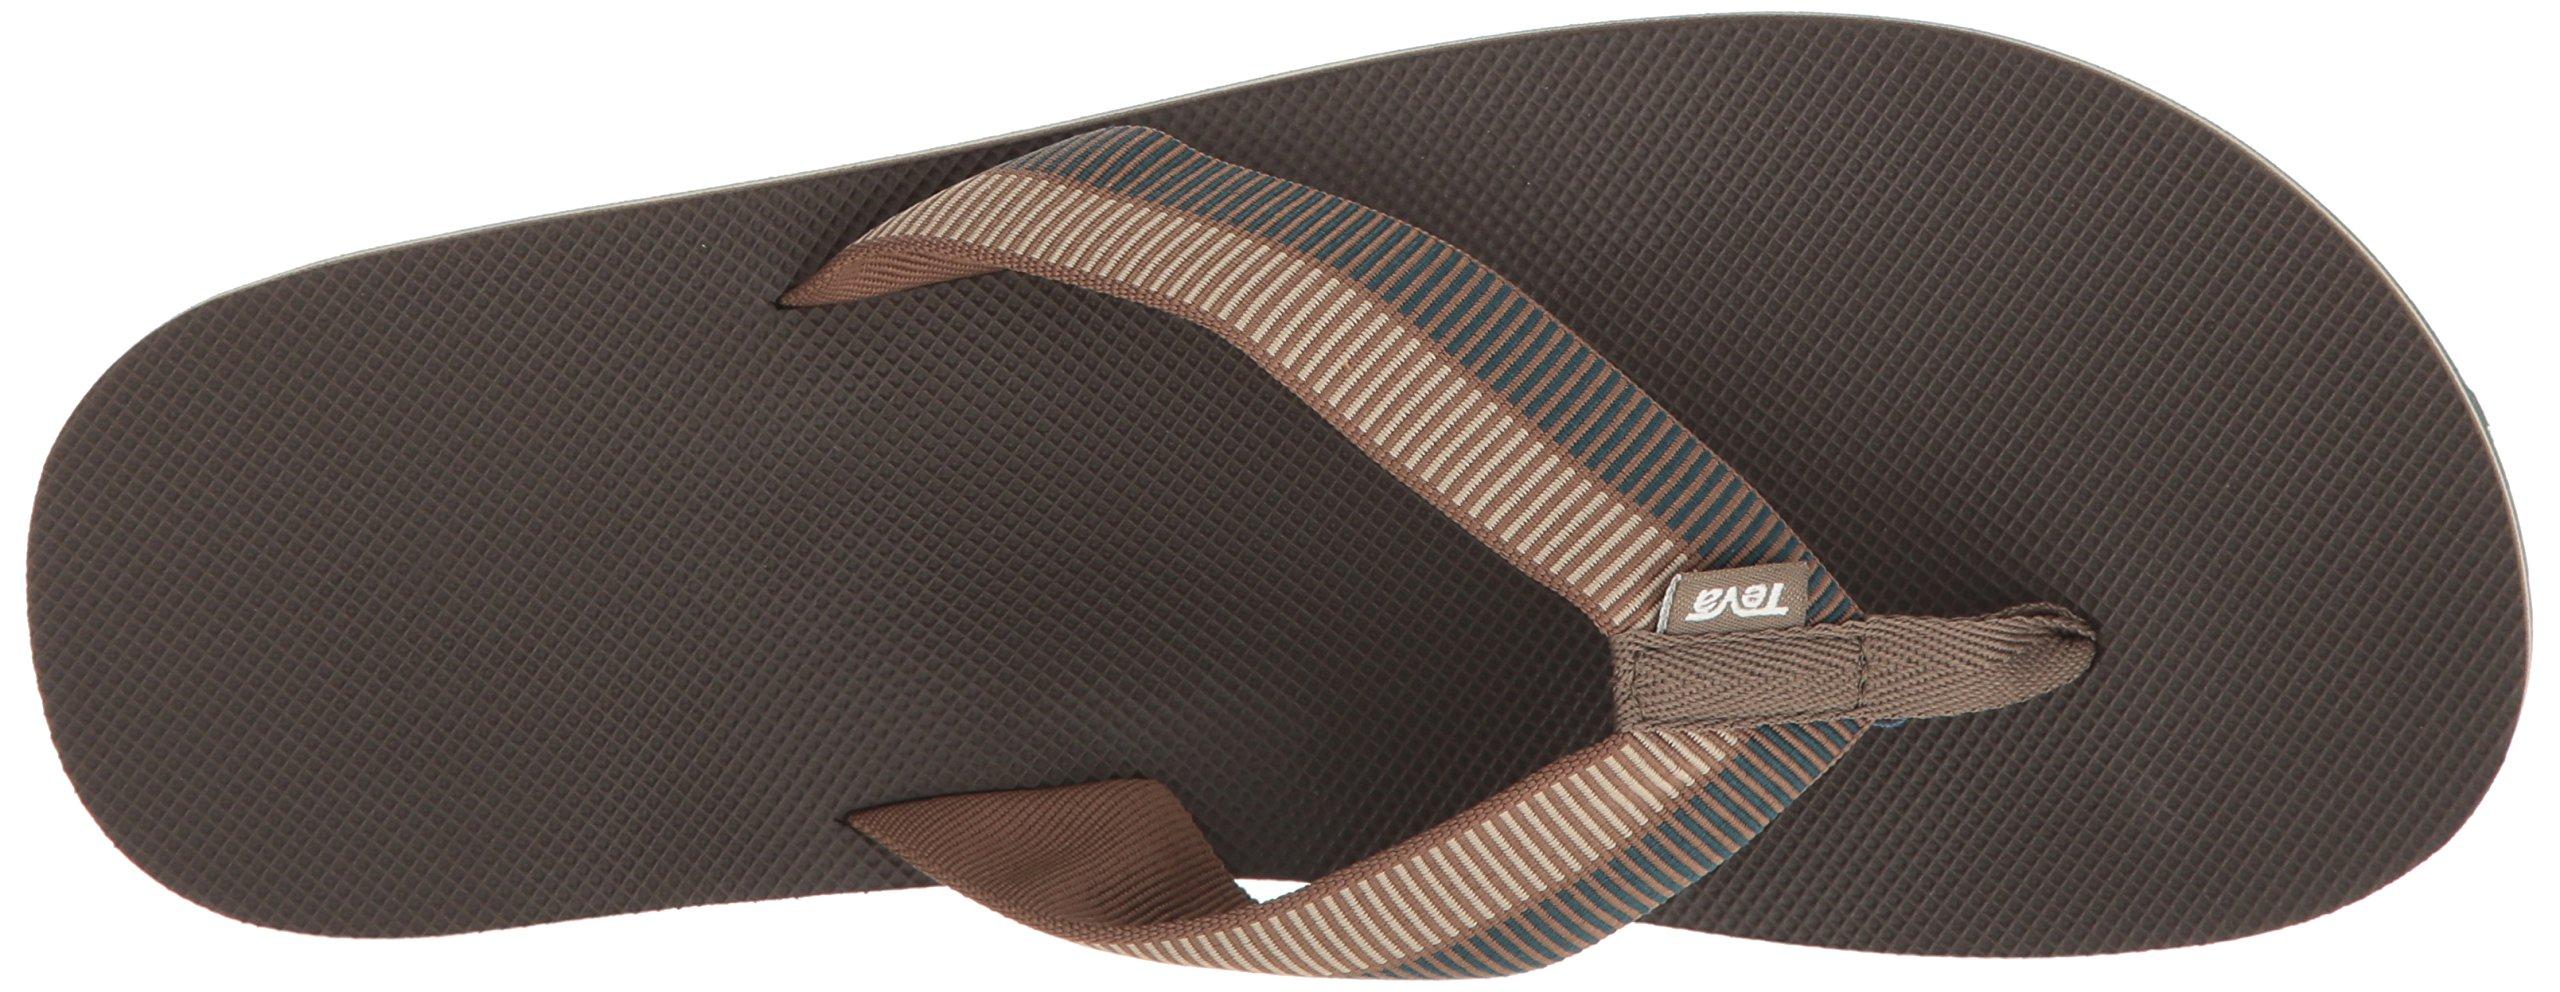 079e502af Teva Men s M Deckers Flip Sandal